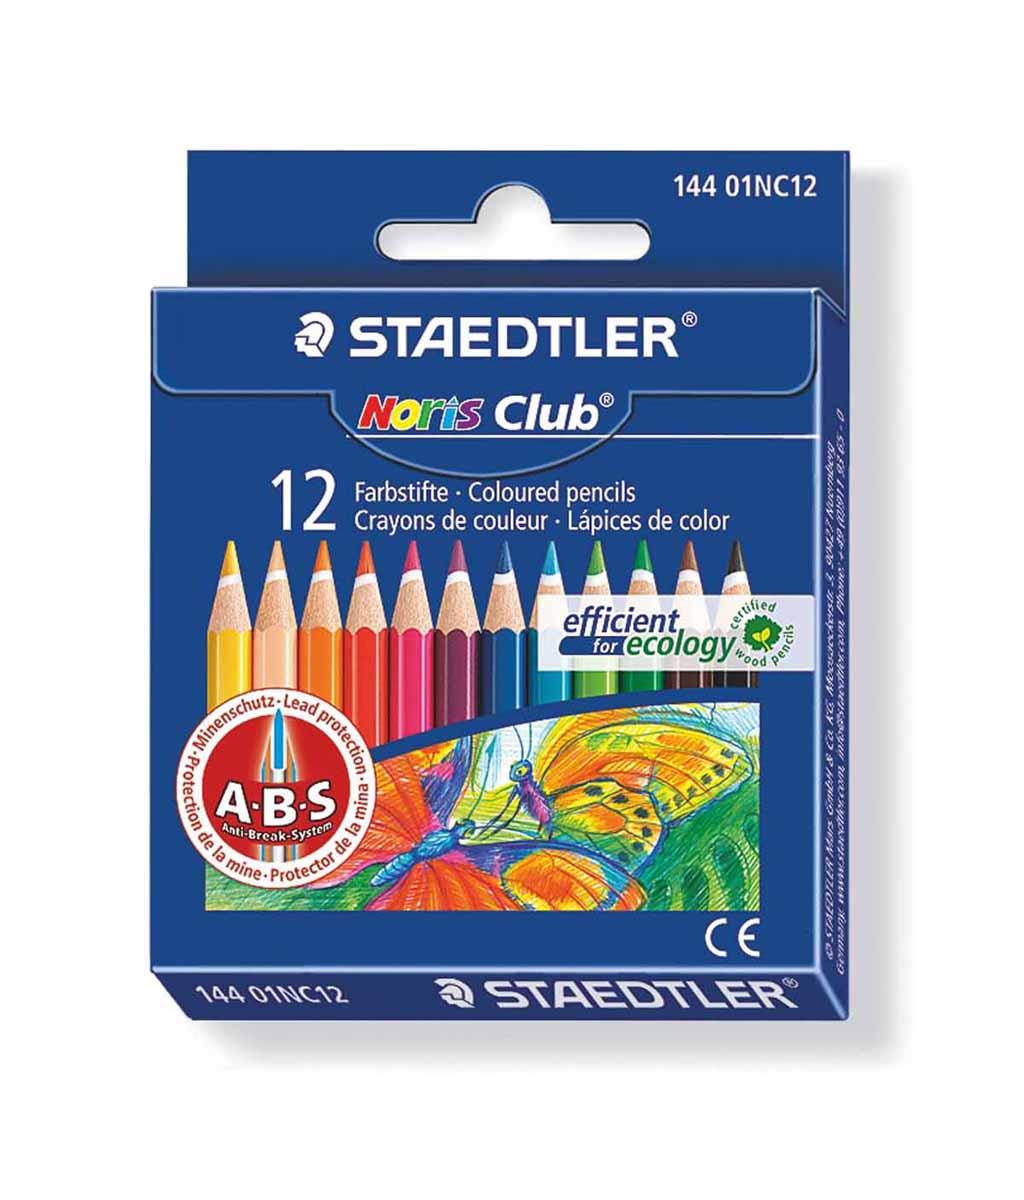 Staedtler Набор цветных карандашей Noris Club 144 12 цветов14401NC1210Цветные карандаши Staedtler Noris Club обладают классической шестиугольной формой. Разработанные специально для детей они имеют мягкий грифель и насыщенные цвета, а белое защитное покрытие грифеля (А·B·S) делает его более устойчивым к повреждению.С цветными карандашами Noris Club ваши дети будут создавать яркие и запоминающиеся рисунки.Длина карандашей - 88 мм.